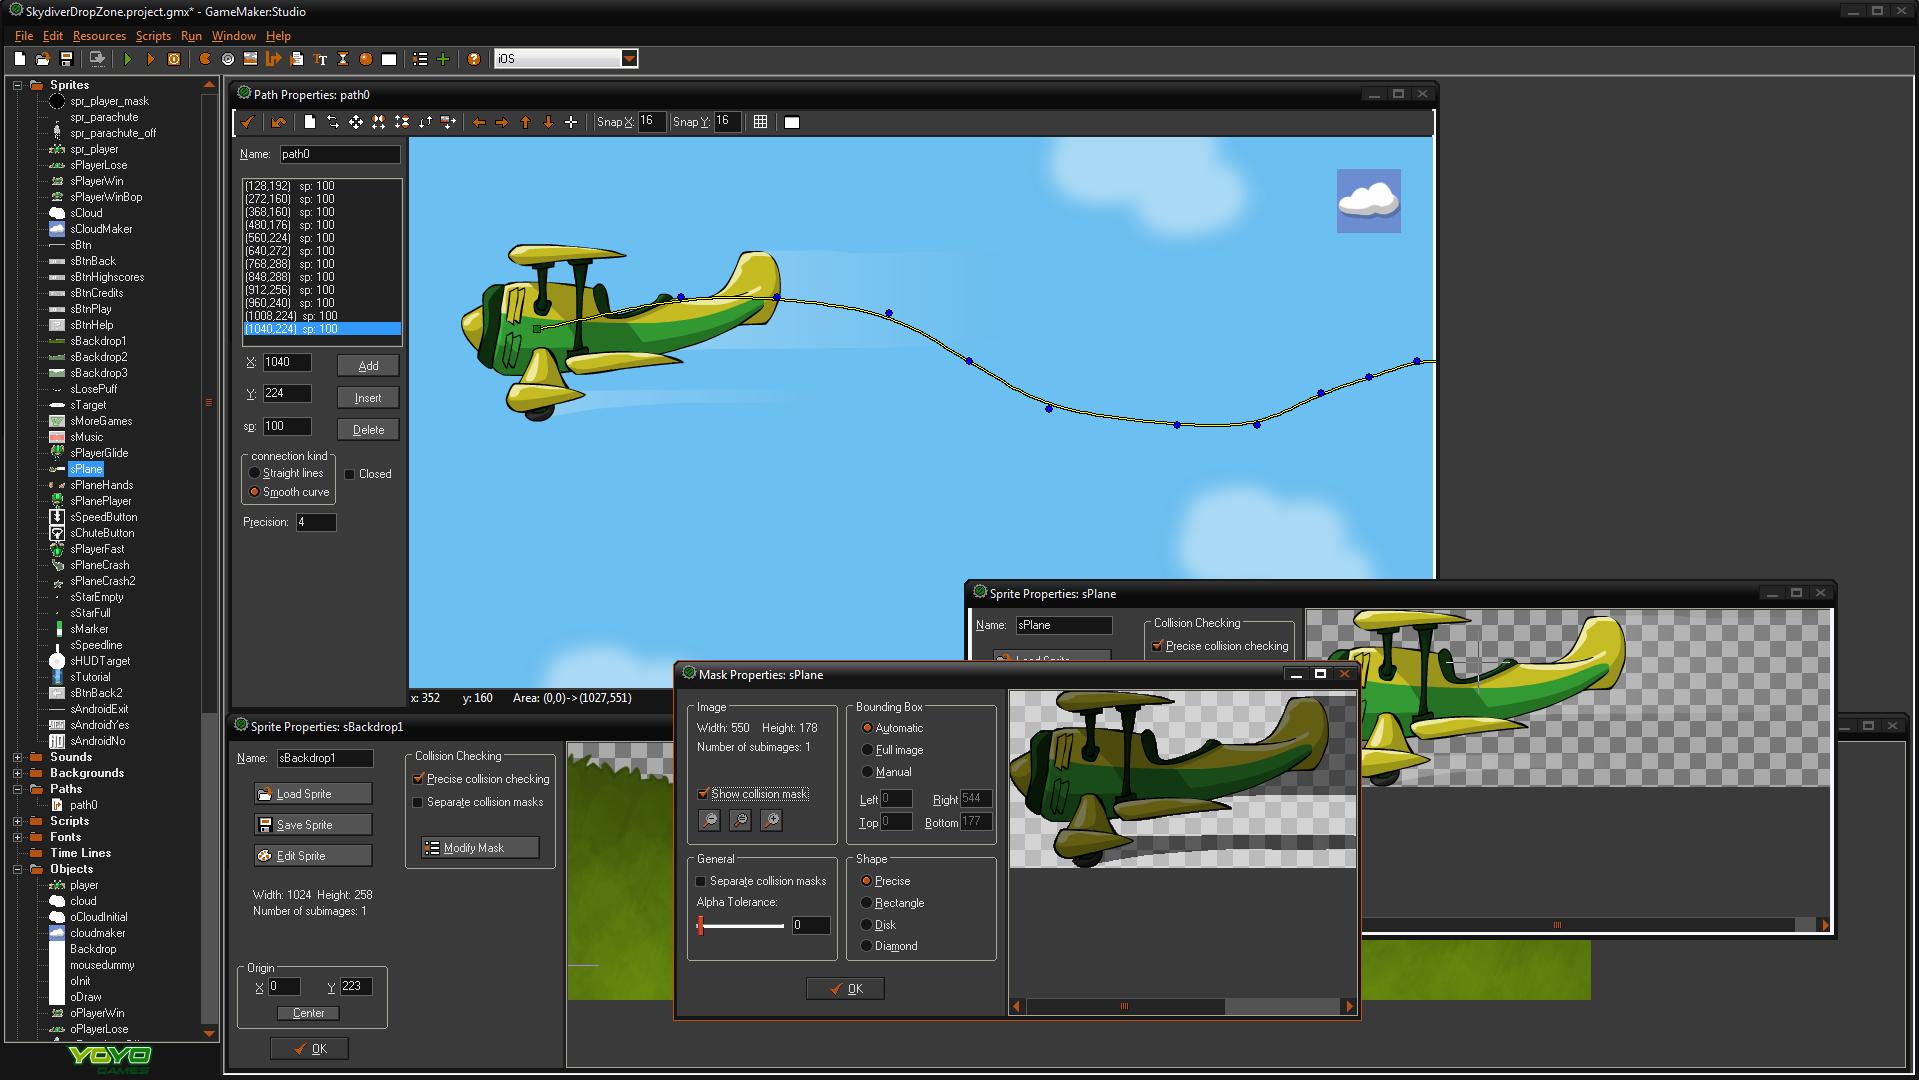 GameMaker Studio 2 Command, conquer, Studio, Windows